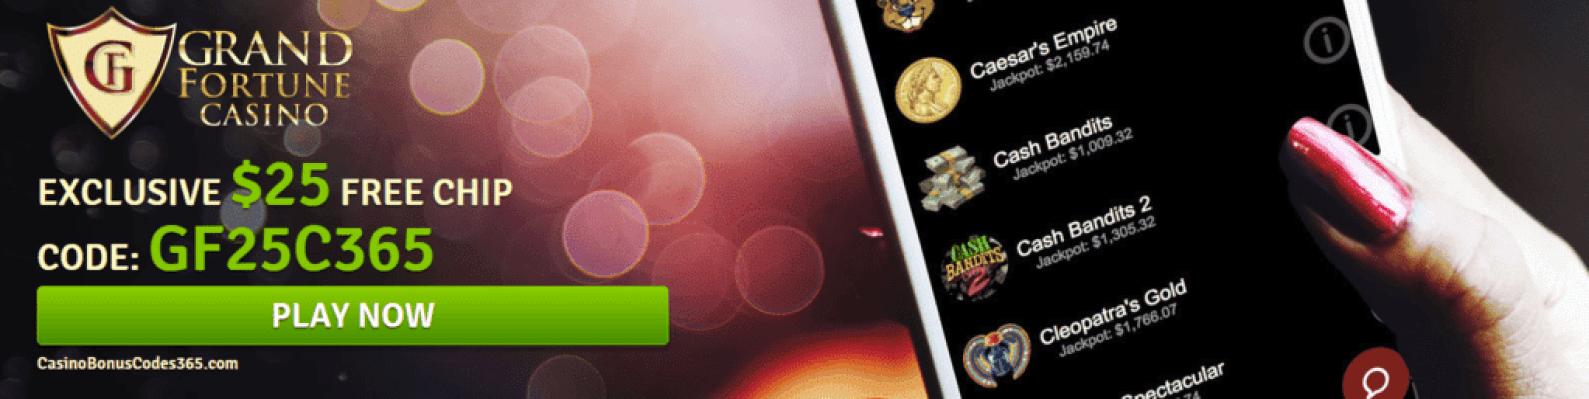 Grand Fortune Casino Exclusive 25 Free Chip Casino Bonus Codes 365